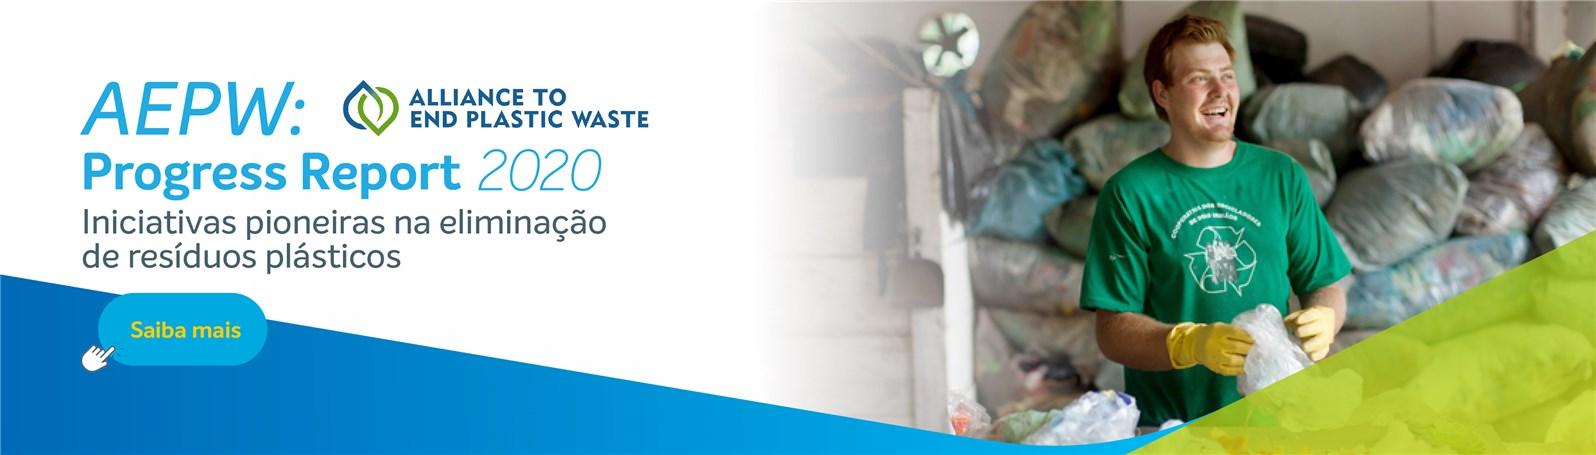 Confira as iniciativas pioneiras na eliminação de resíduos plásticos.